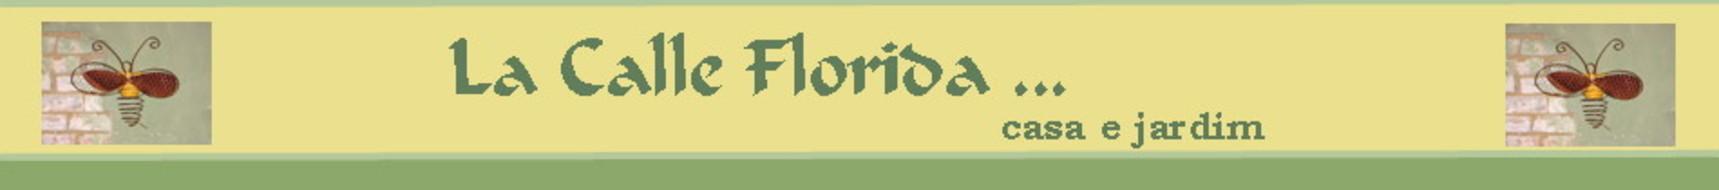 La Calle Florida